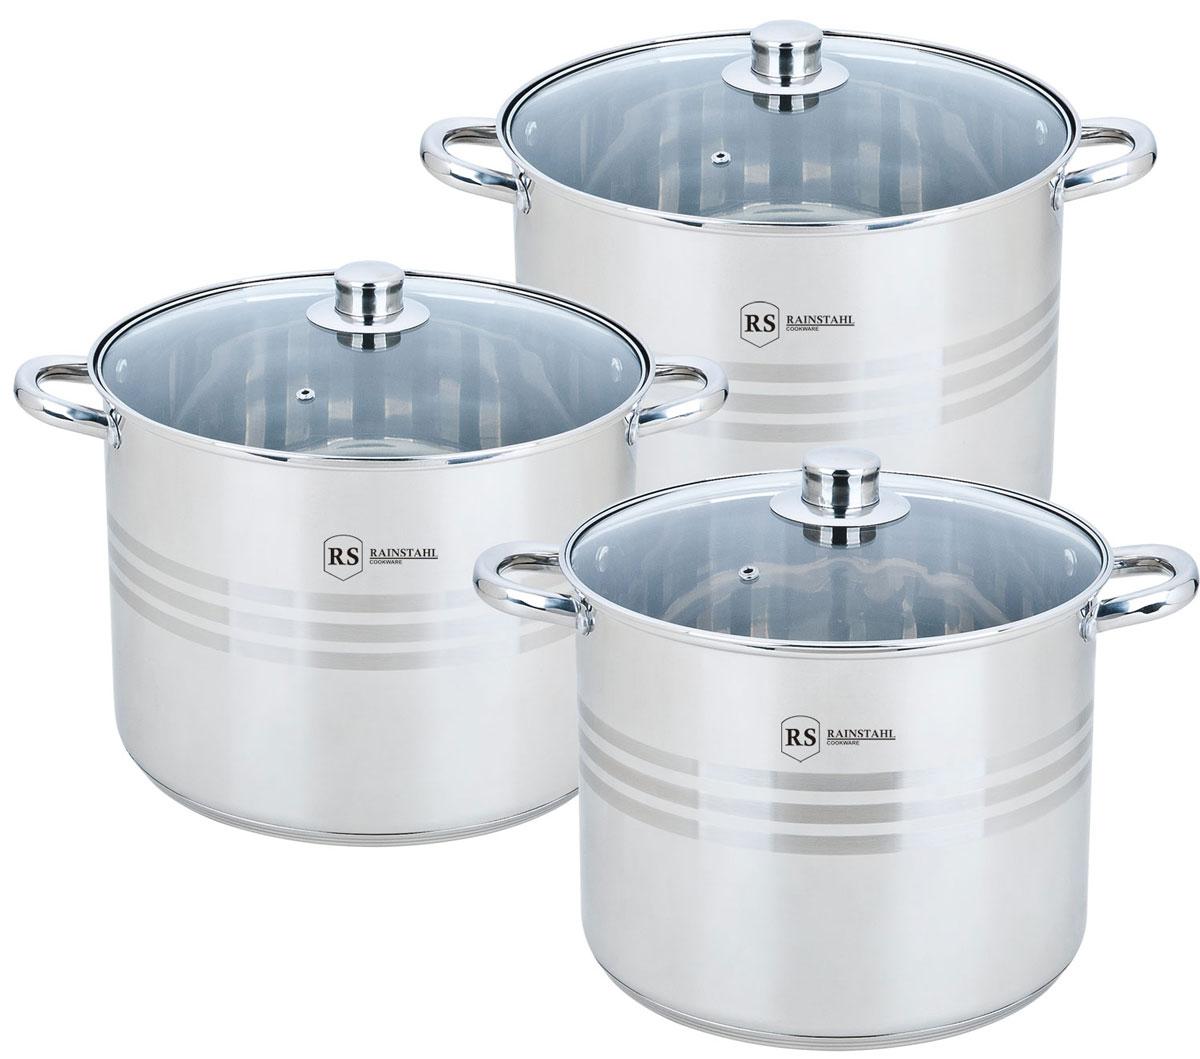 Набор посуды Rainstahl, цвет: стальной, 6 предметов. 2303-06RS/CW BK набор посуды rainstahl 8 предметов 0716bh